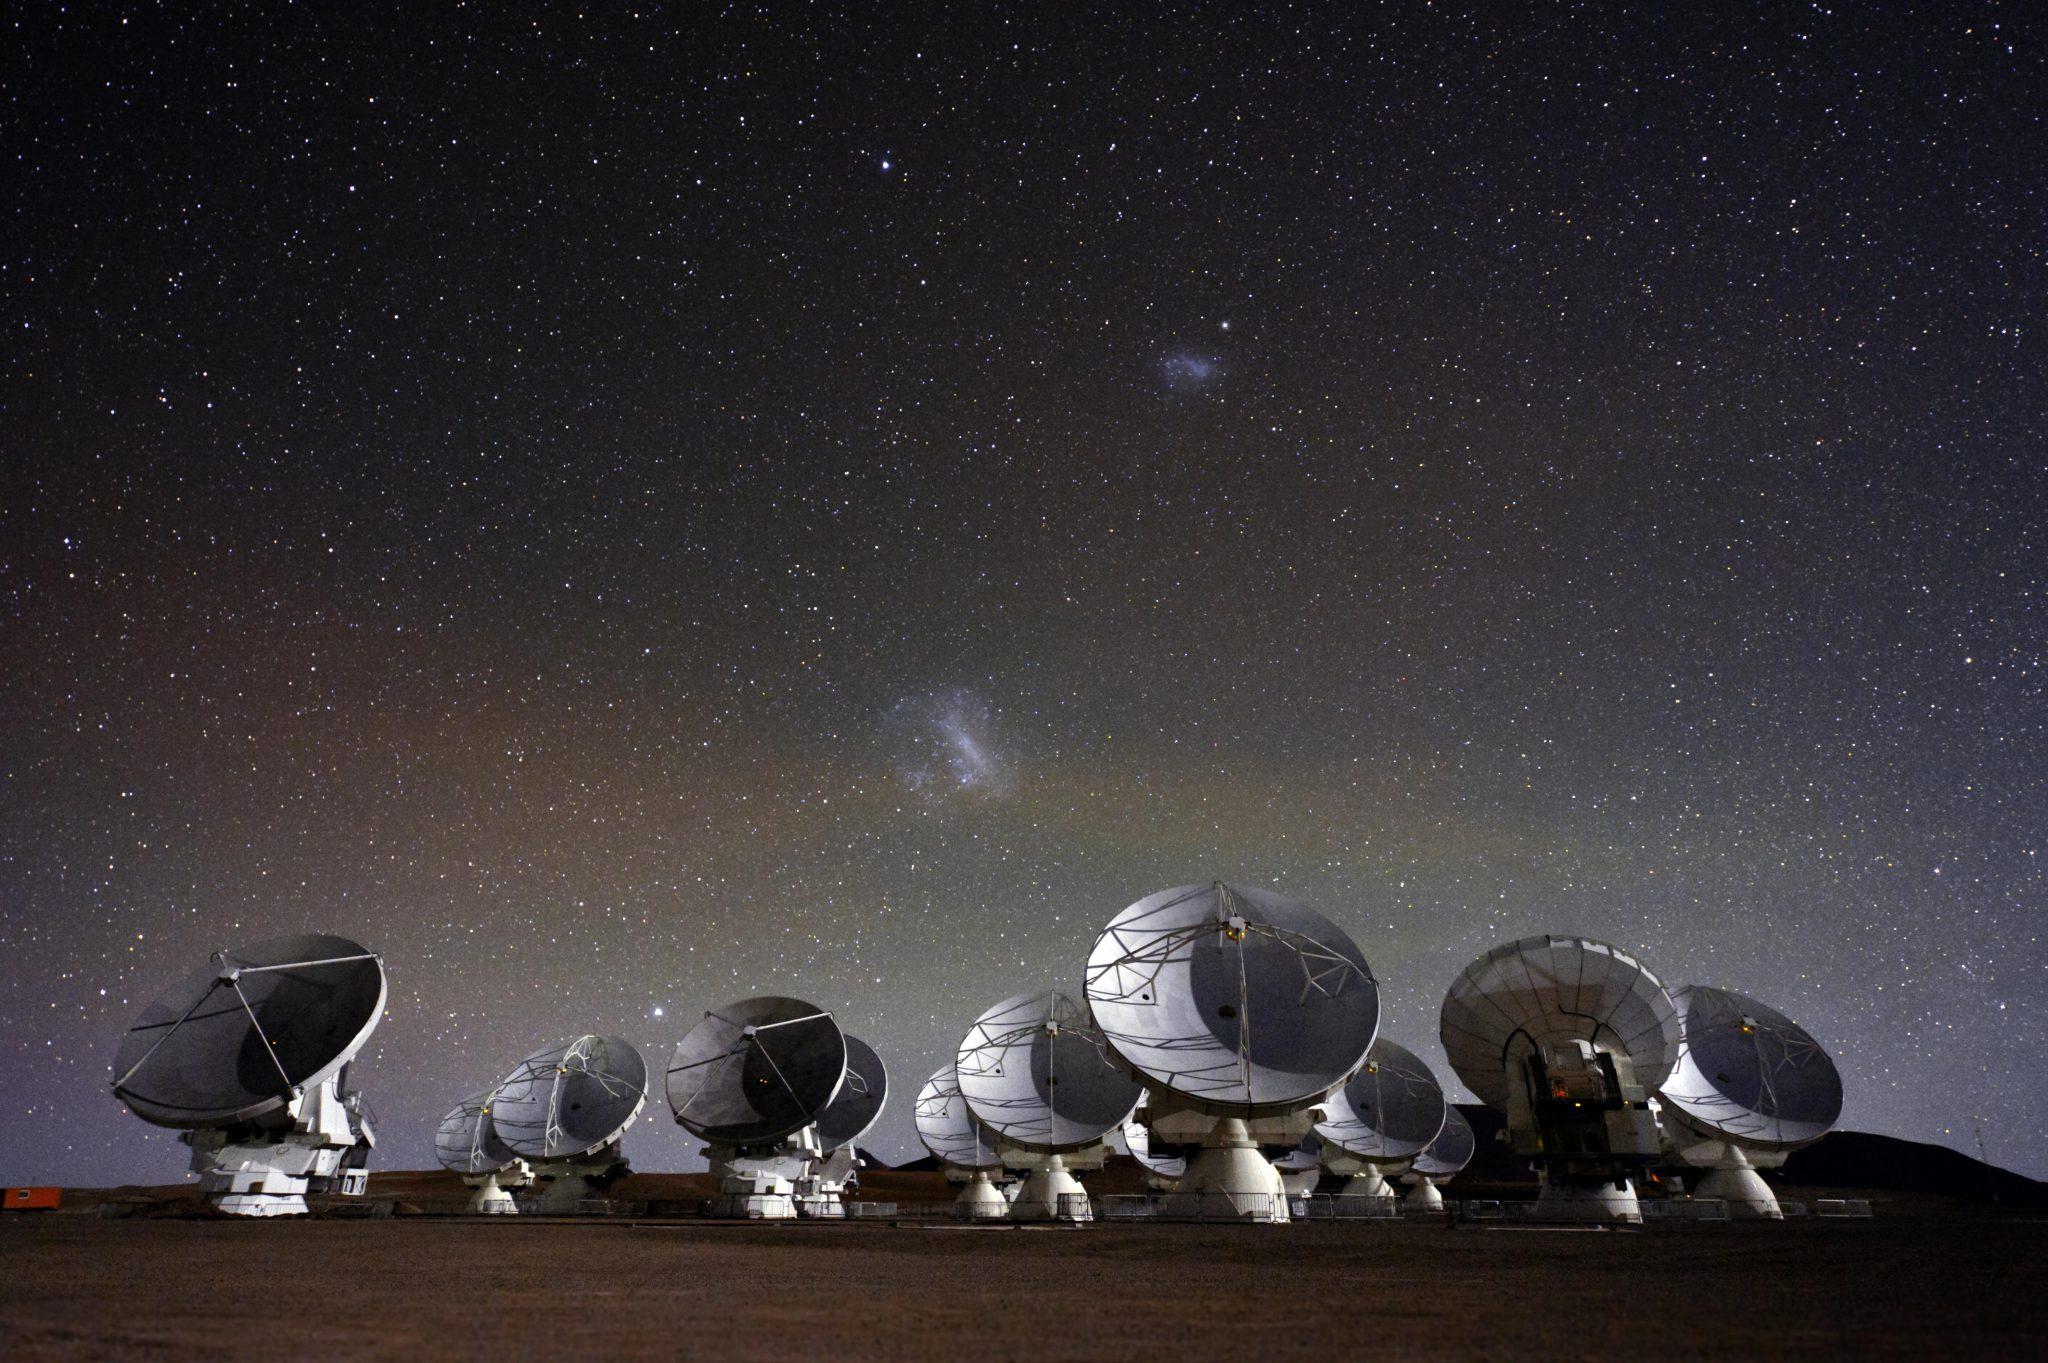 Astronomide kullanılan araçlar dünya atlası